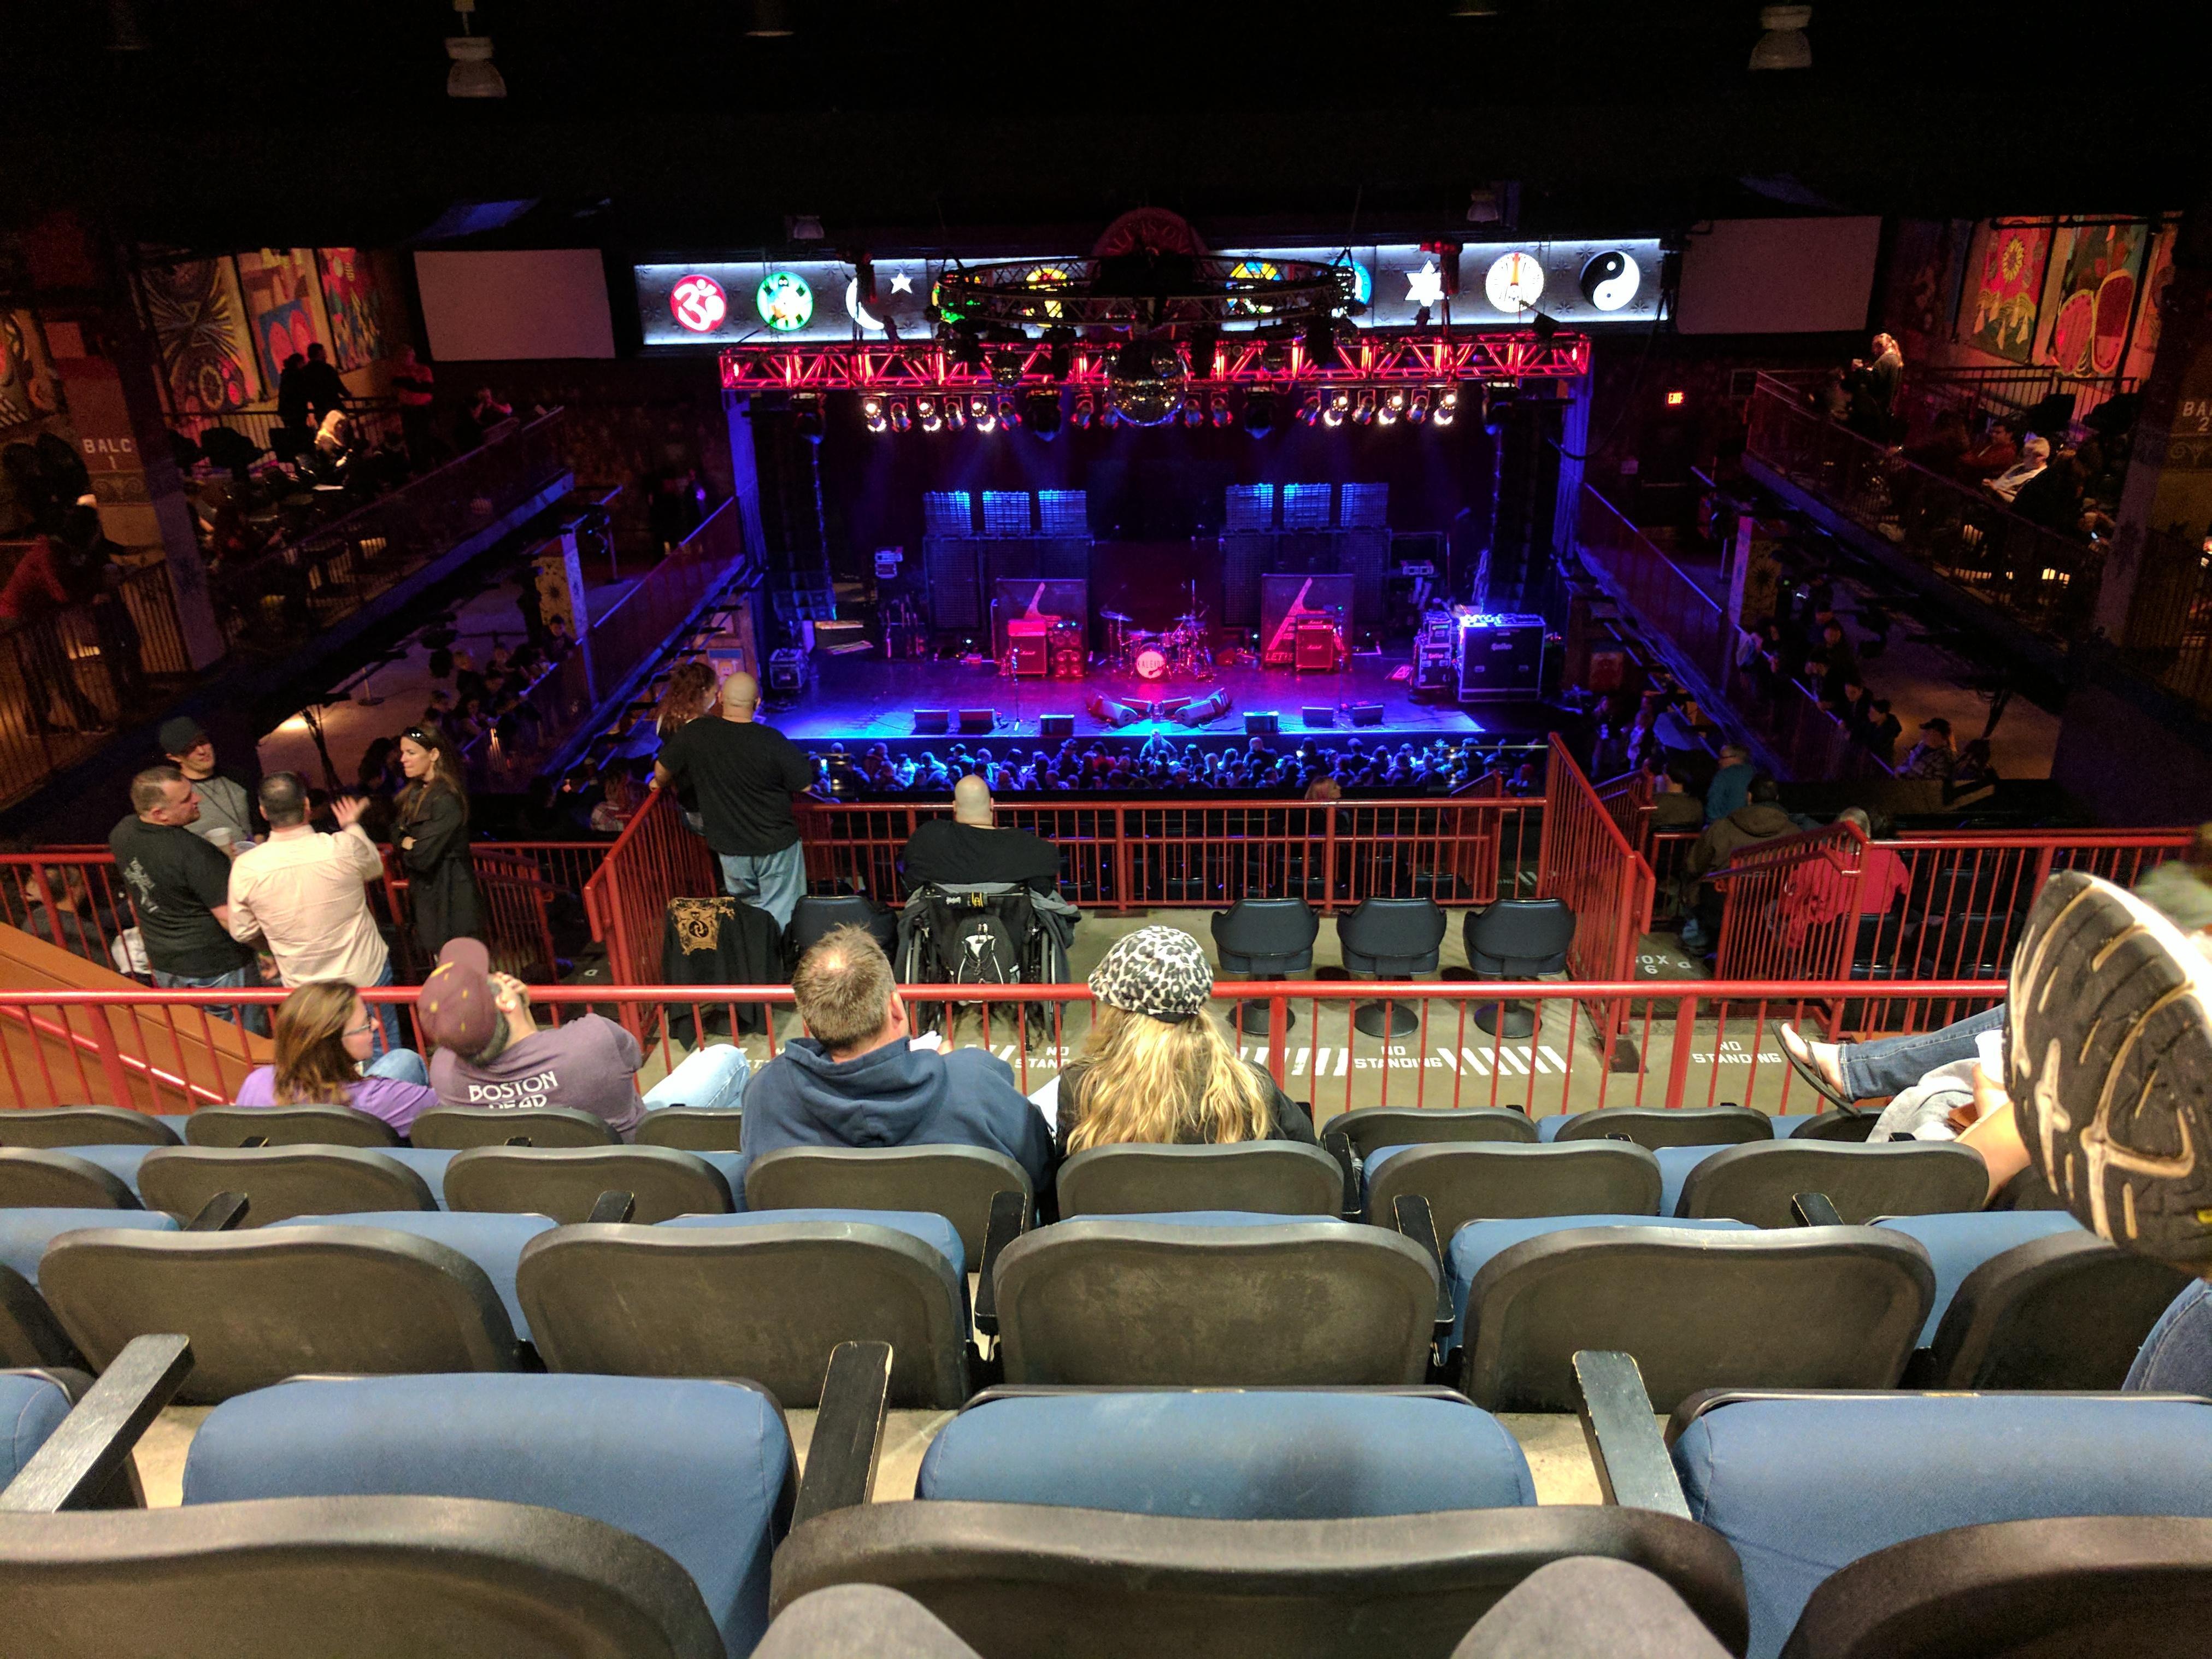 House Of Blues - Boston Section Stadium Row E Seat 312